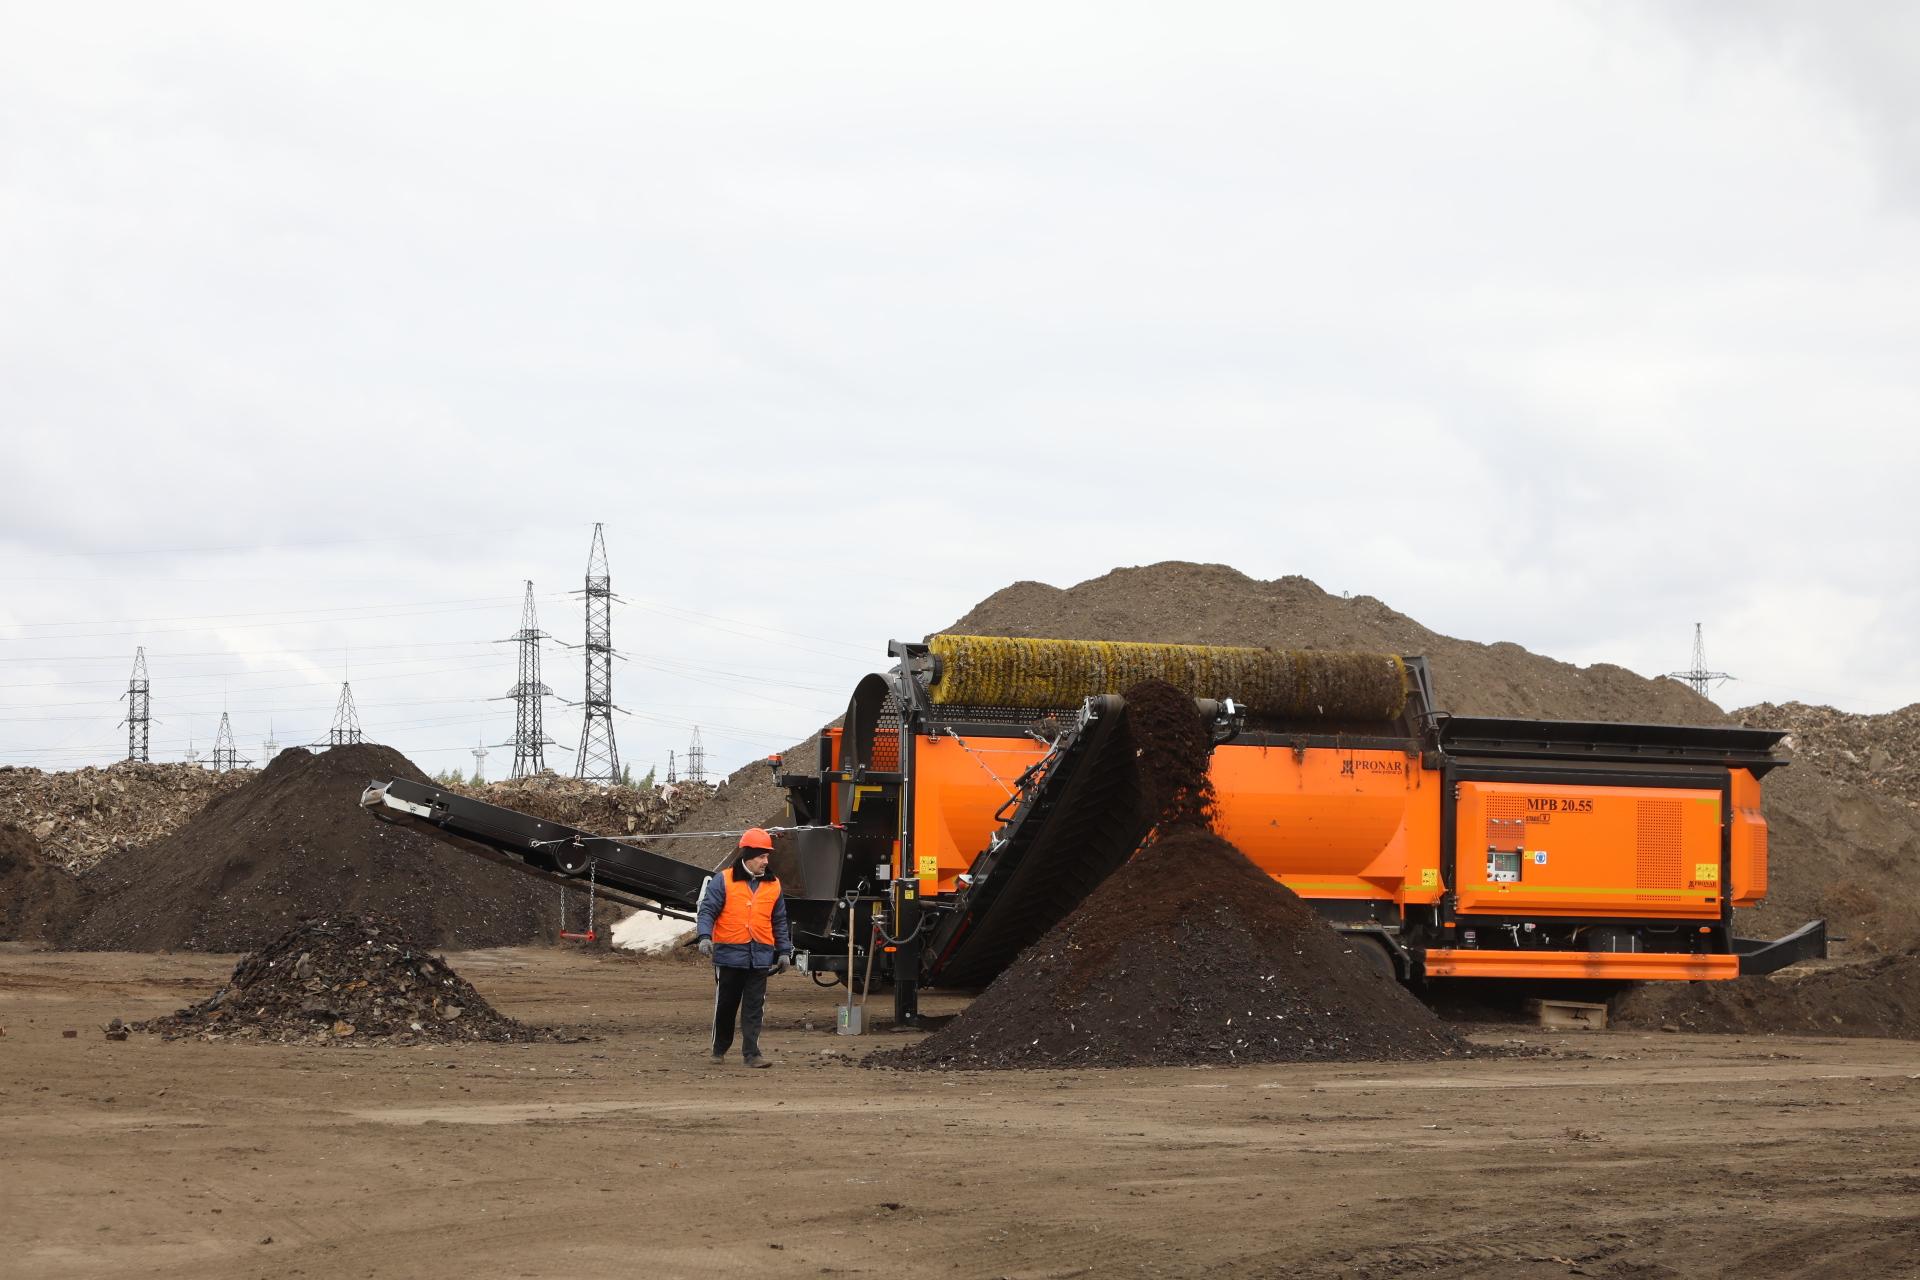 Шуваловскую свалку в Нижнем Новгороде полностью ликвидируют к IV кварталу 2022 года - фото 1